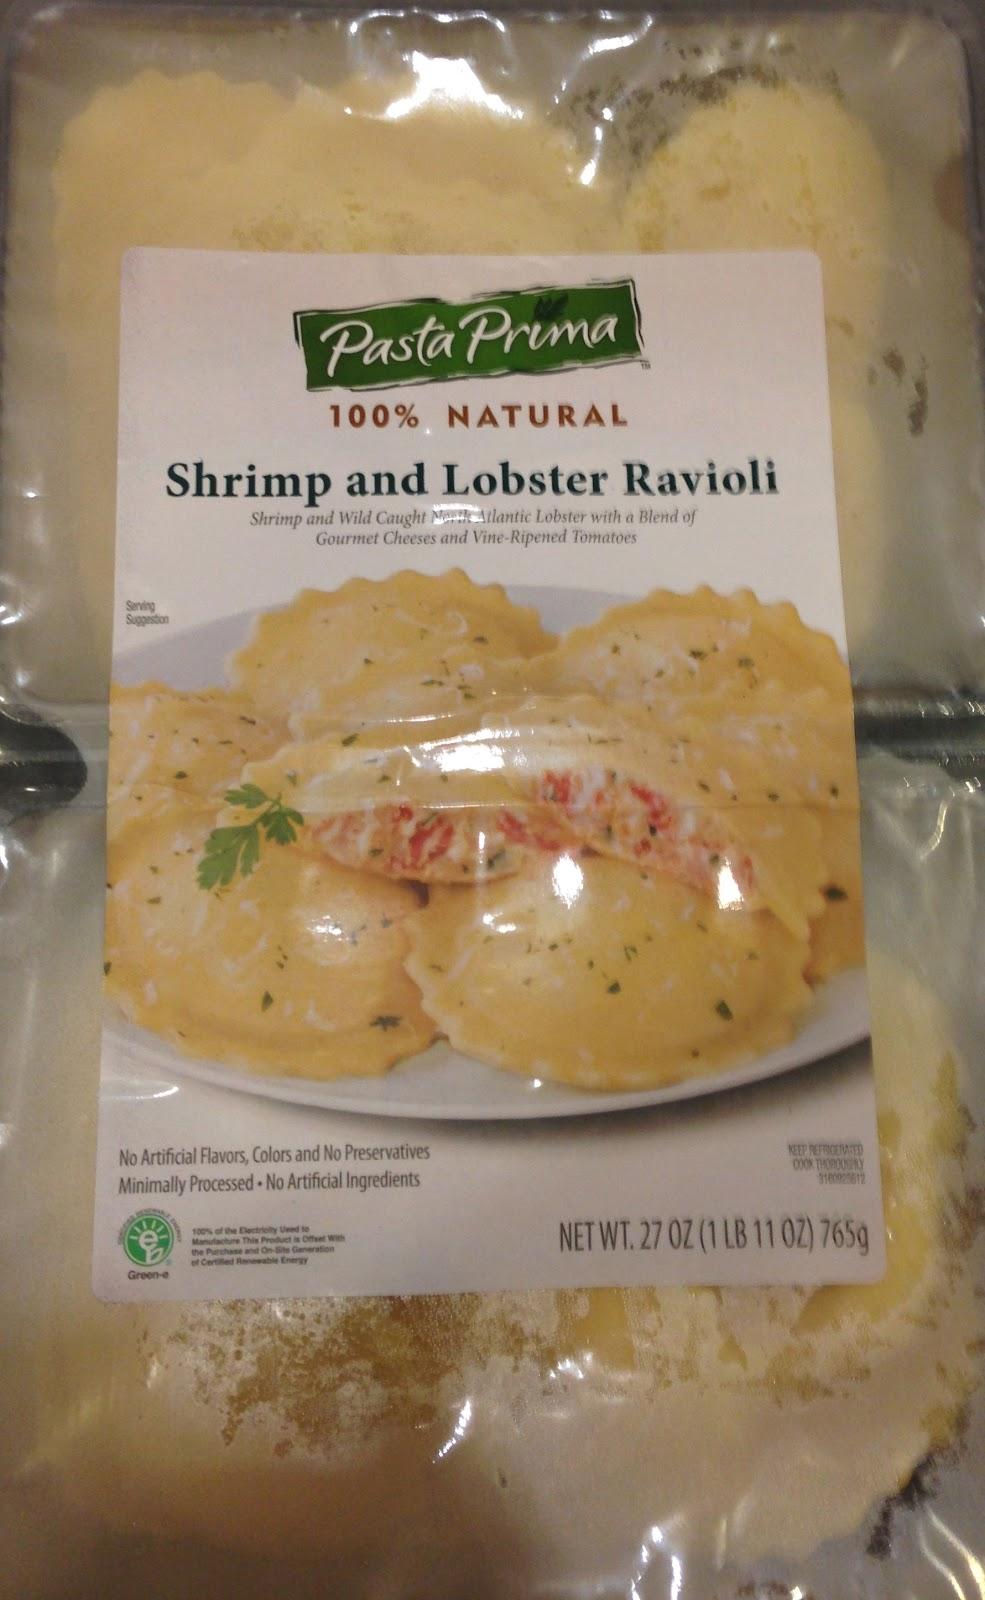 TASTE OF HAWAII: PASTA PRIMA - SHRIMP AND LOBSTER RAVIOLI